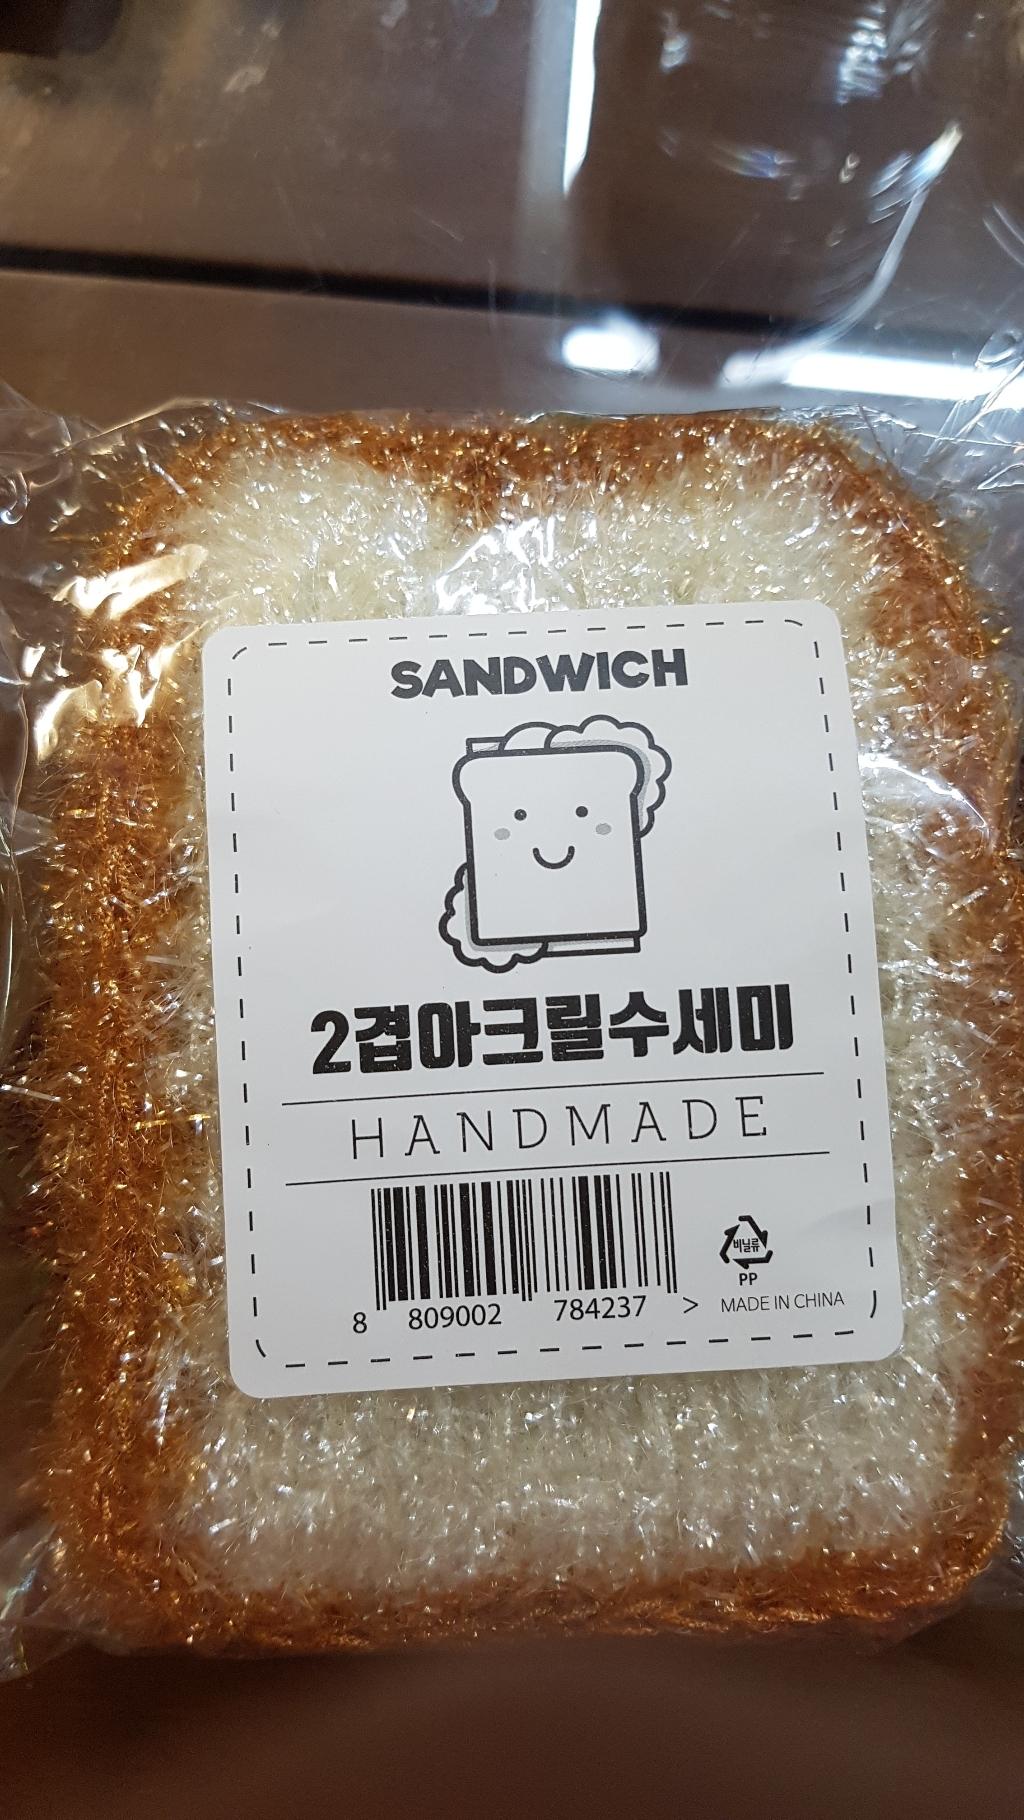 유하우스 난달라 샌드위치 2겹 아크릴수세미  리뷰 후기